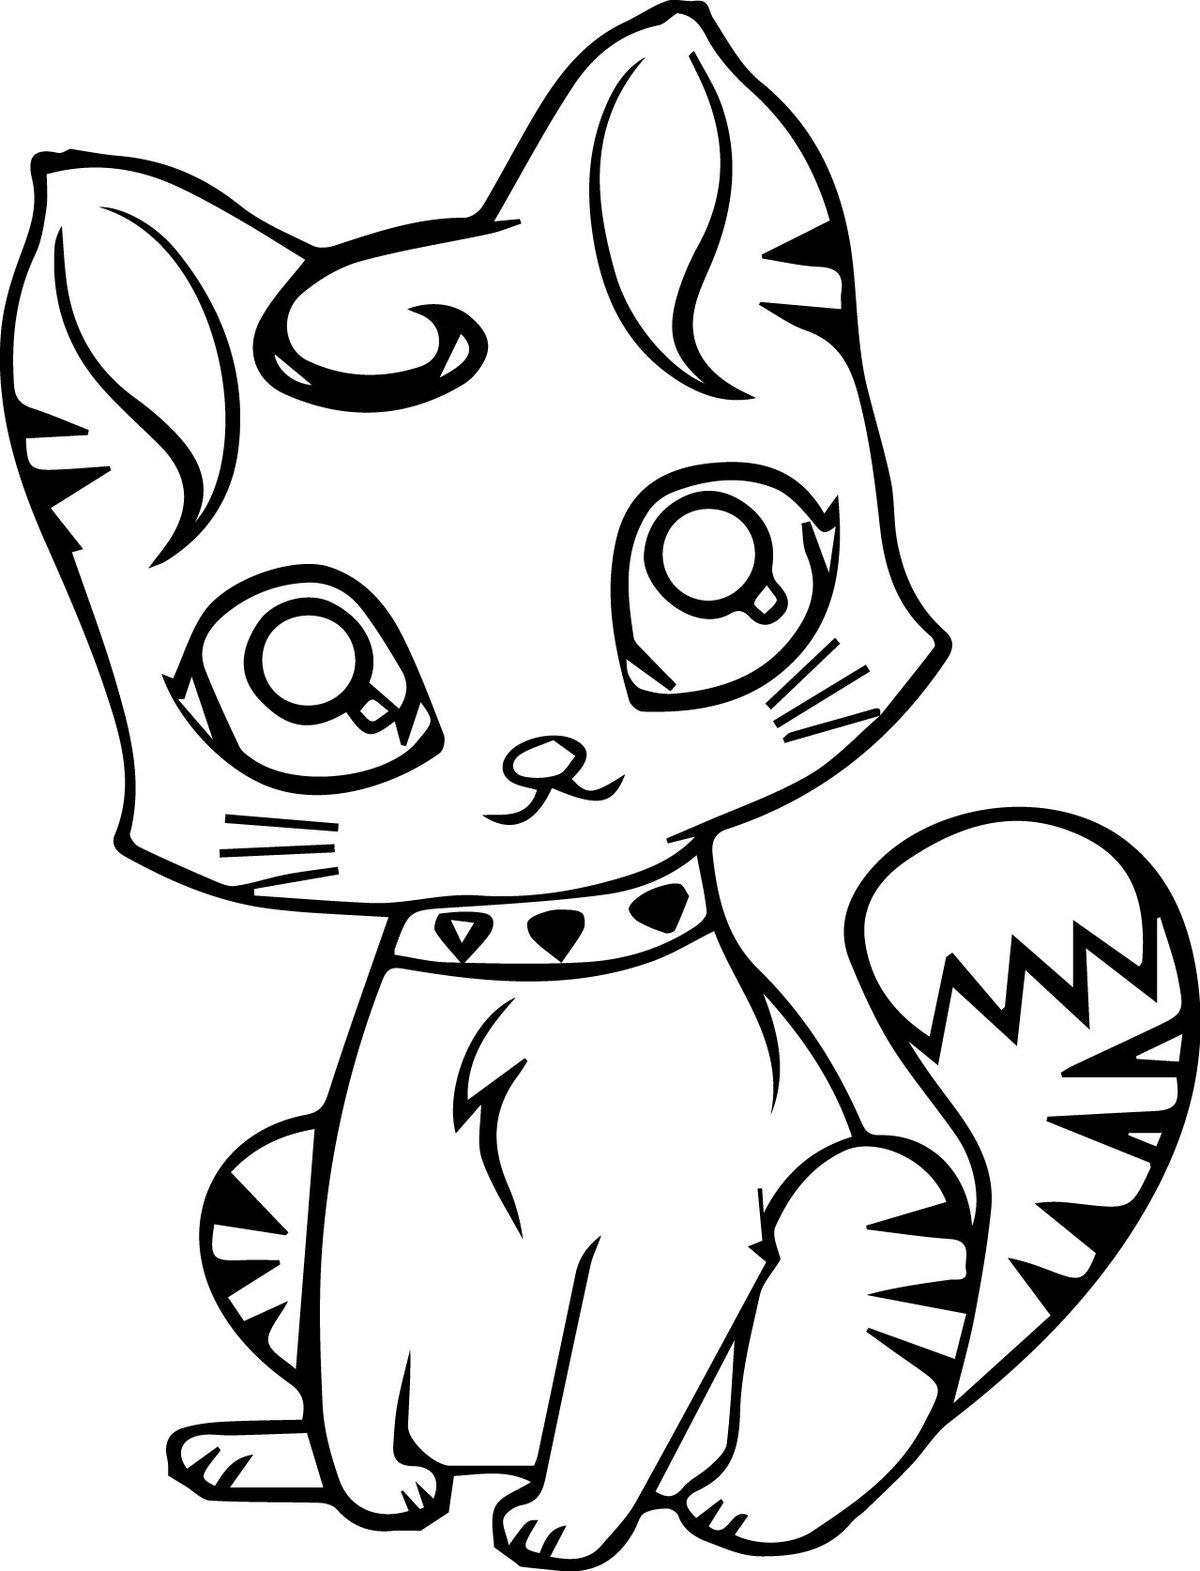 боб картинки с милыми котятами нарисовать однажды его